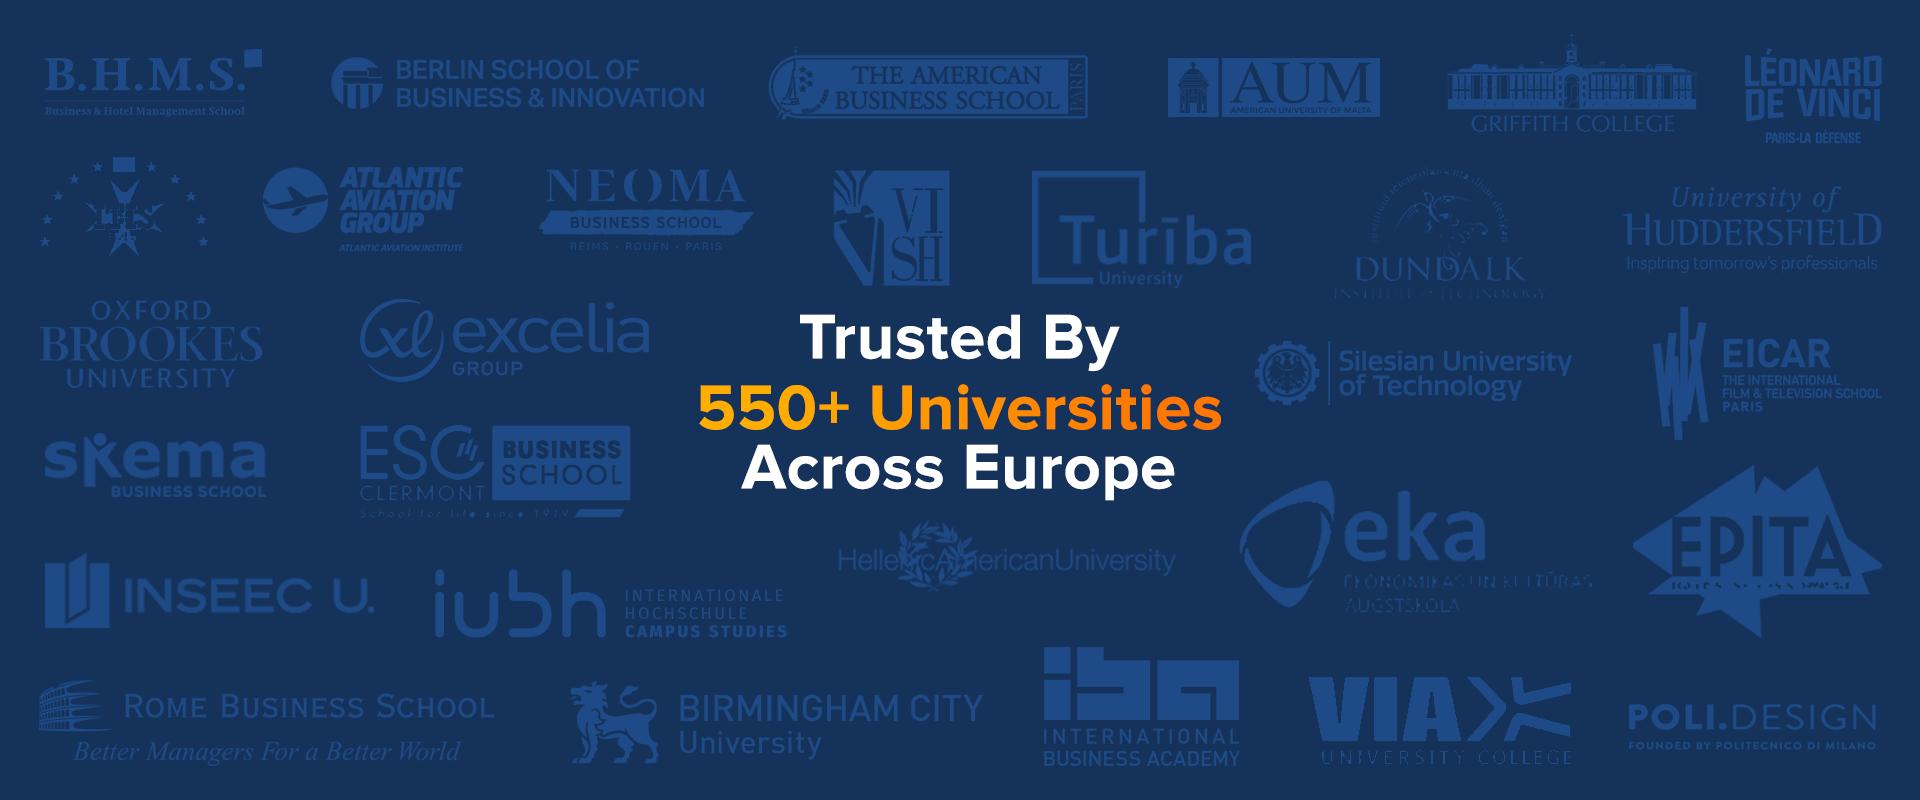 Europr 550 Universities